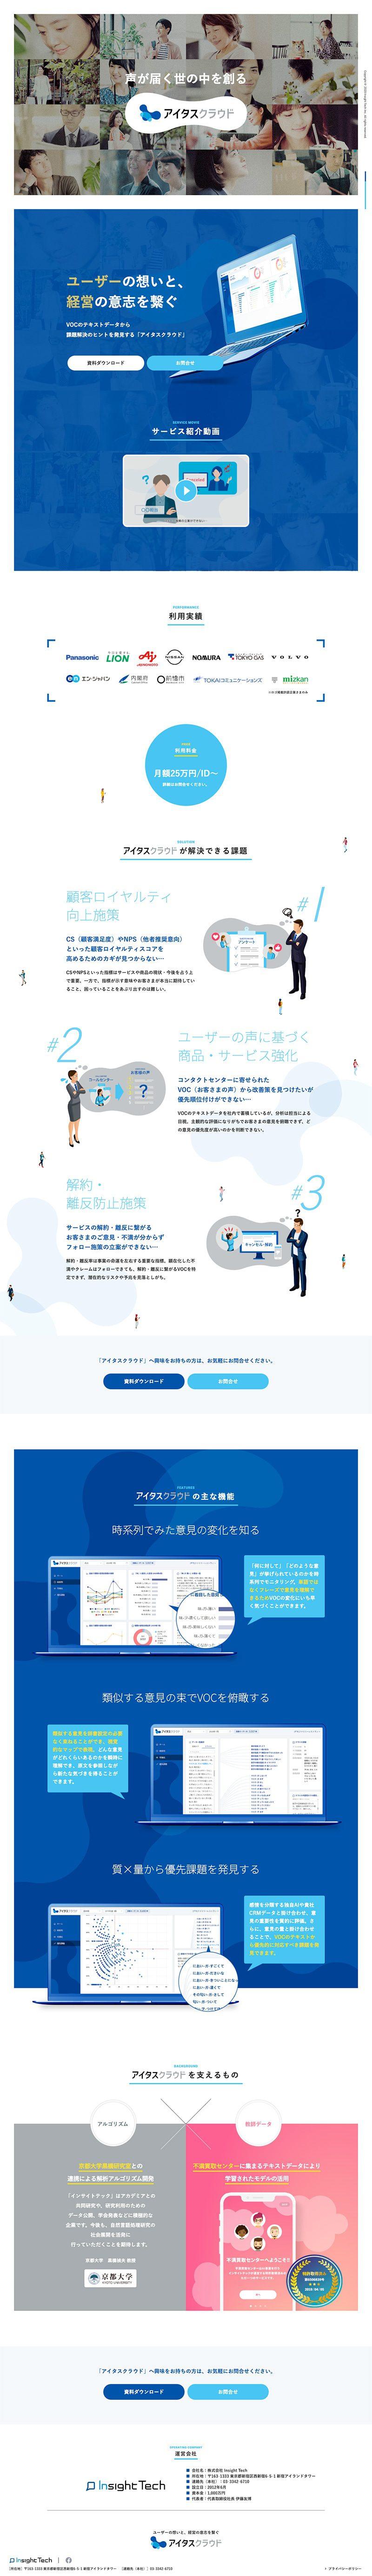 株式会社Insight Tech様 サービスブランドサイトTOP